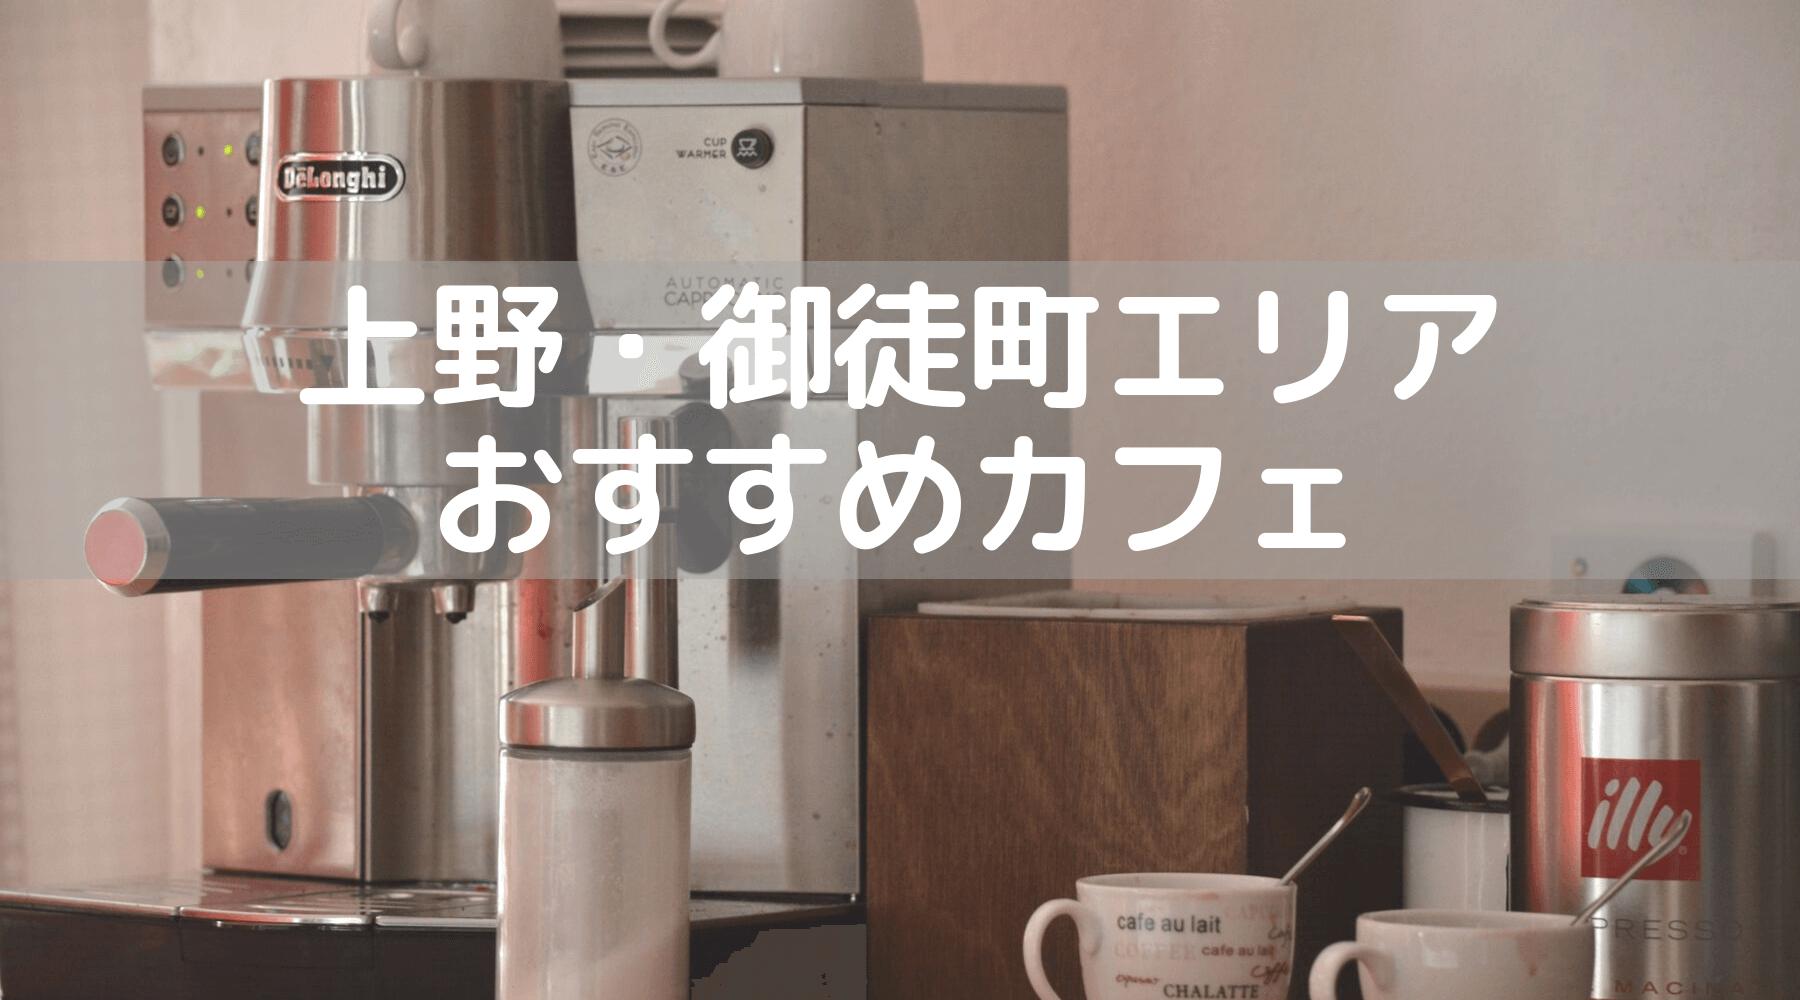 上野・御徒町カフェ